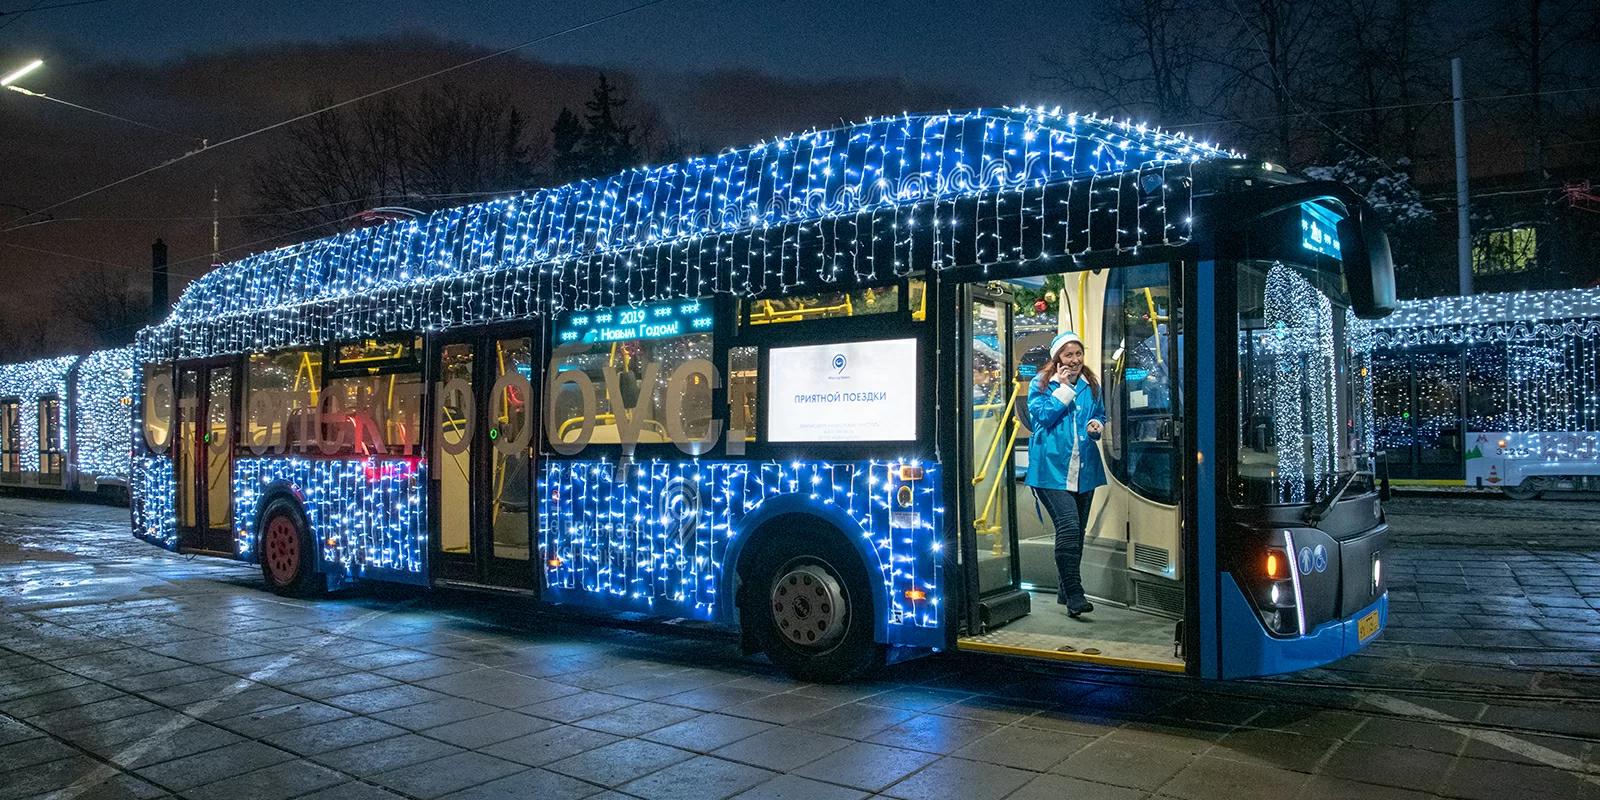 Московский транспорт будет работать всю новогоднюю ночь